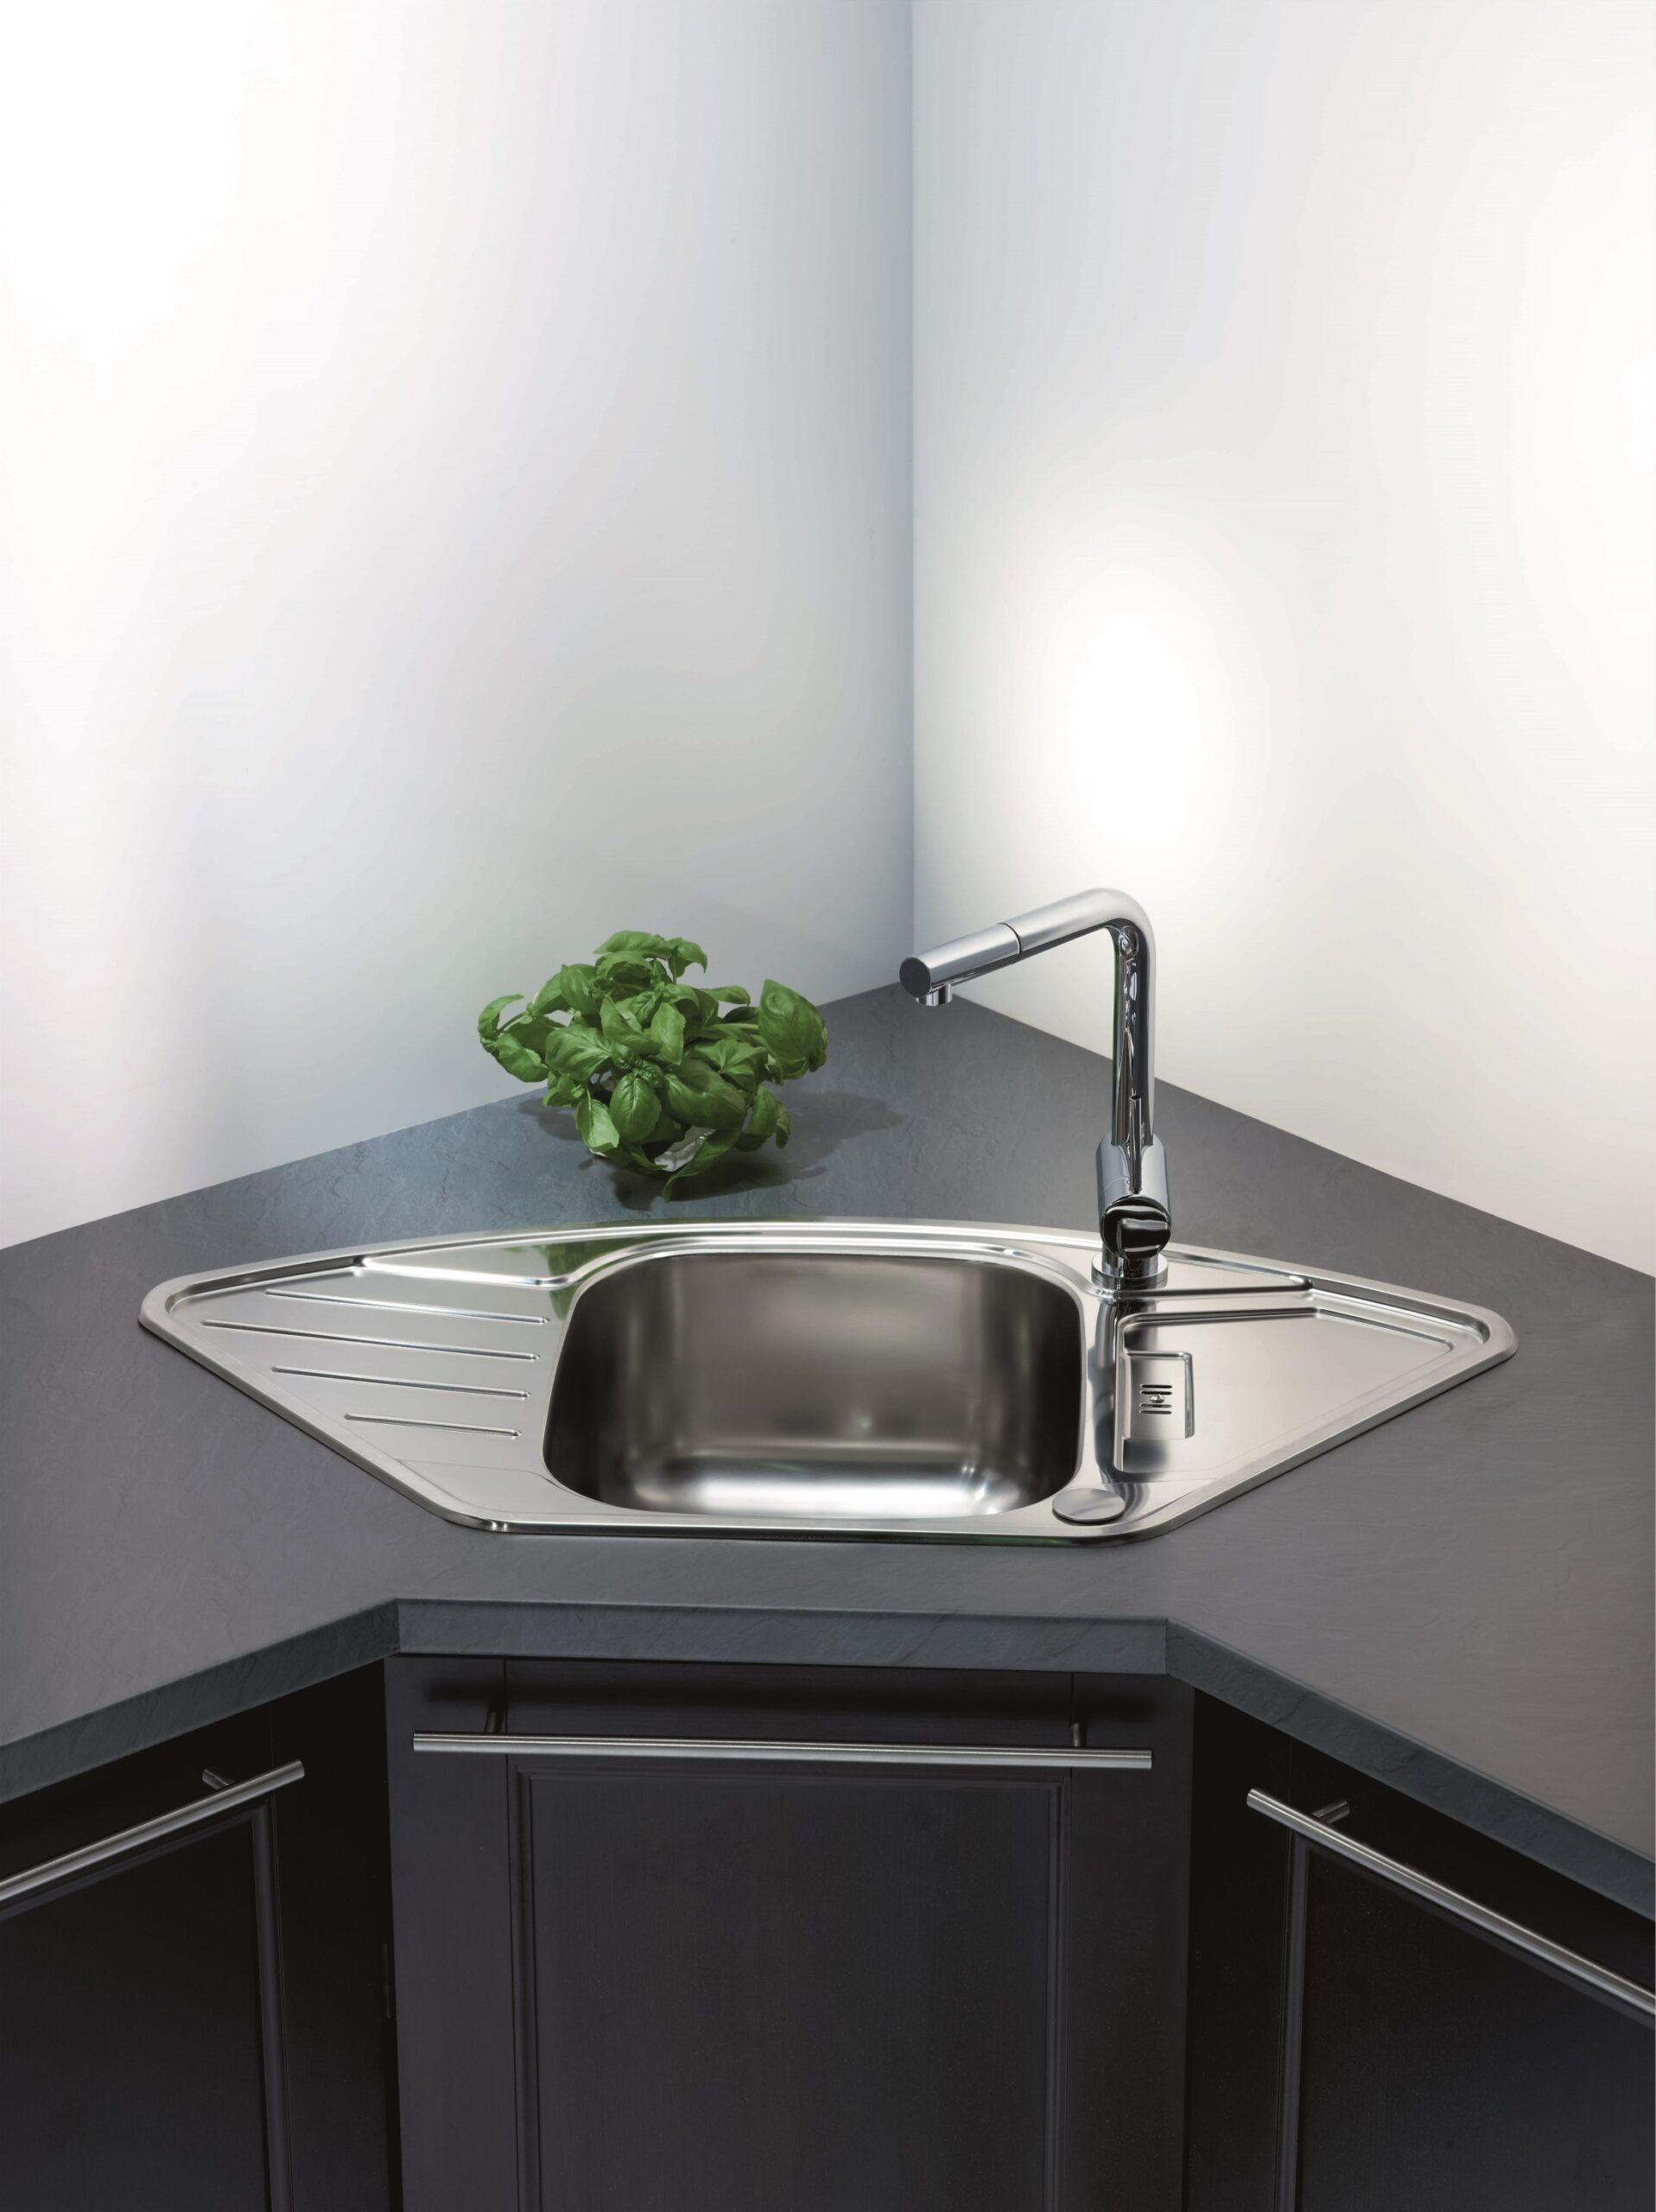 Full Size of Küchenblende Arbeitsplatte Abdichten Kanten Und Bergnge Obi Wohnzimmer Küchenblende